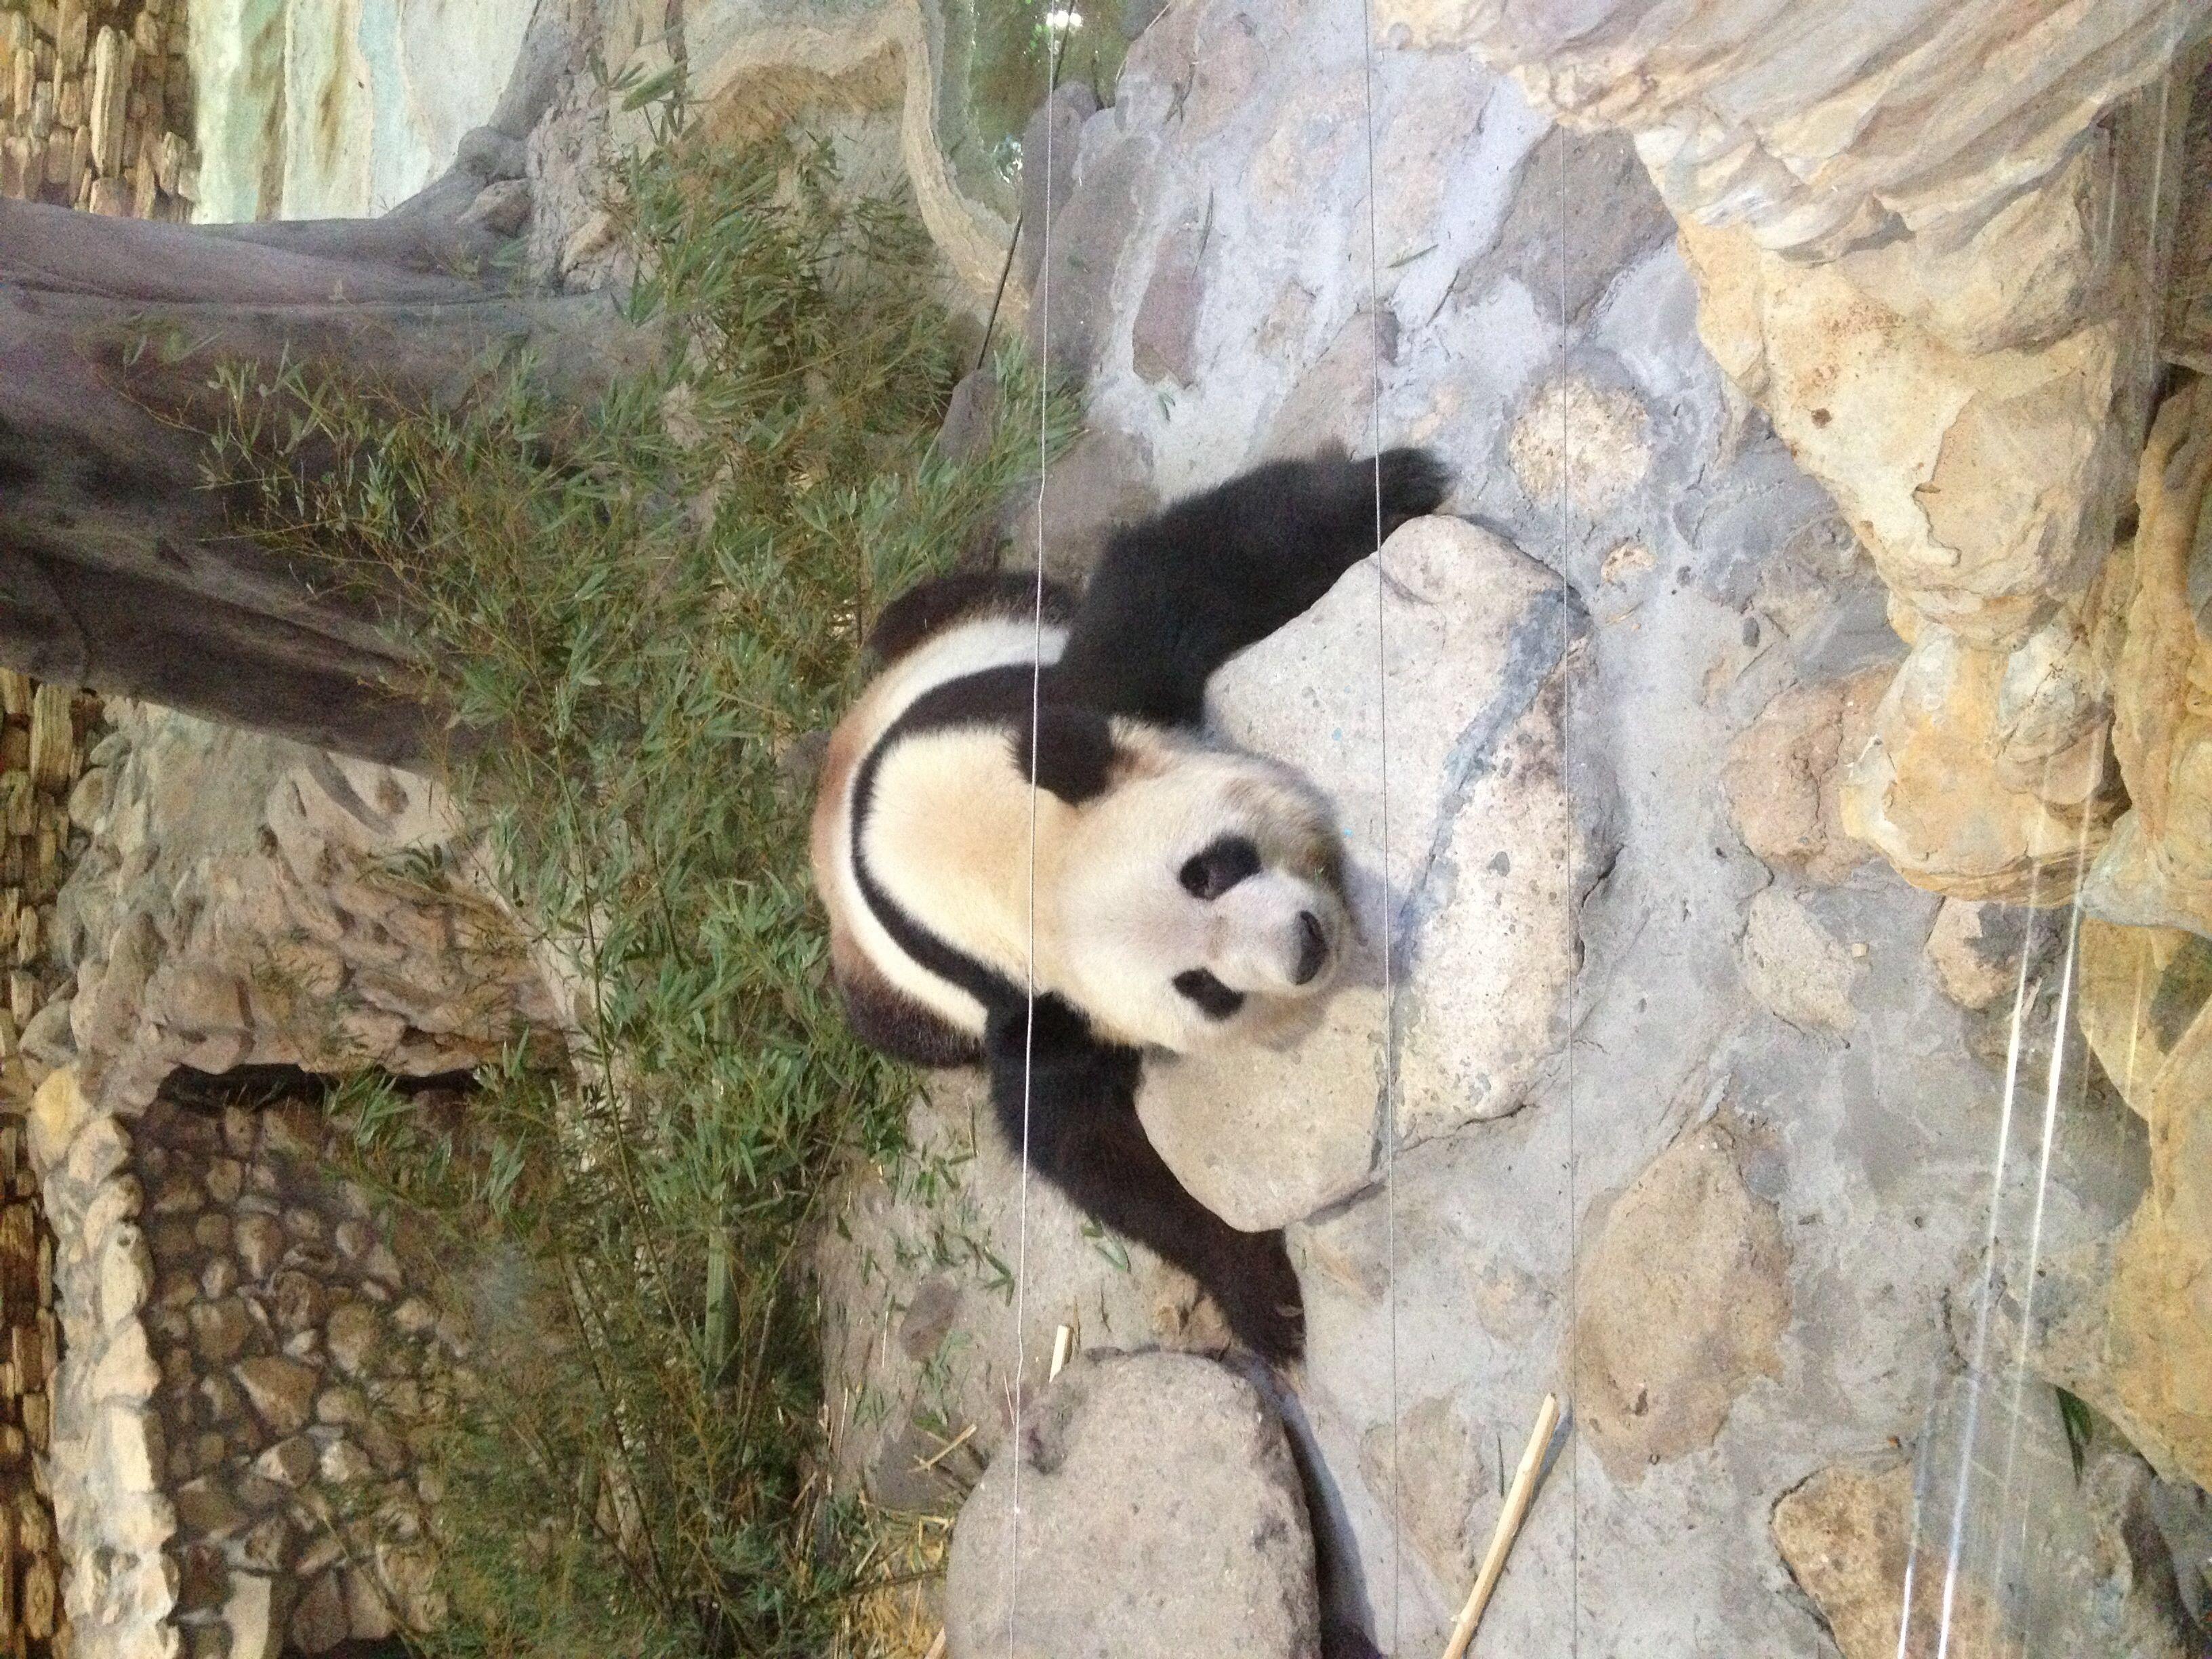 两个笨笨的大熊猫很好玩!懒懒的!